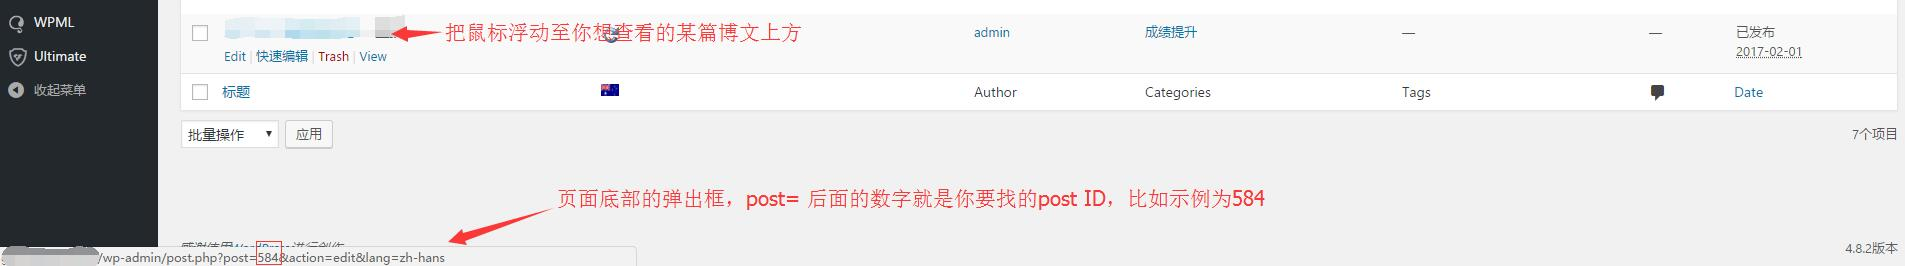 如何查找 wordpress 的 post ID?